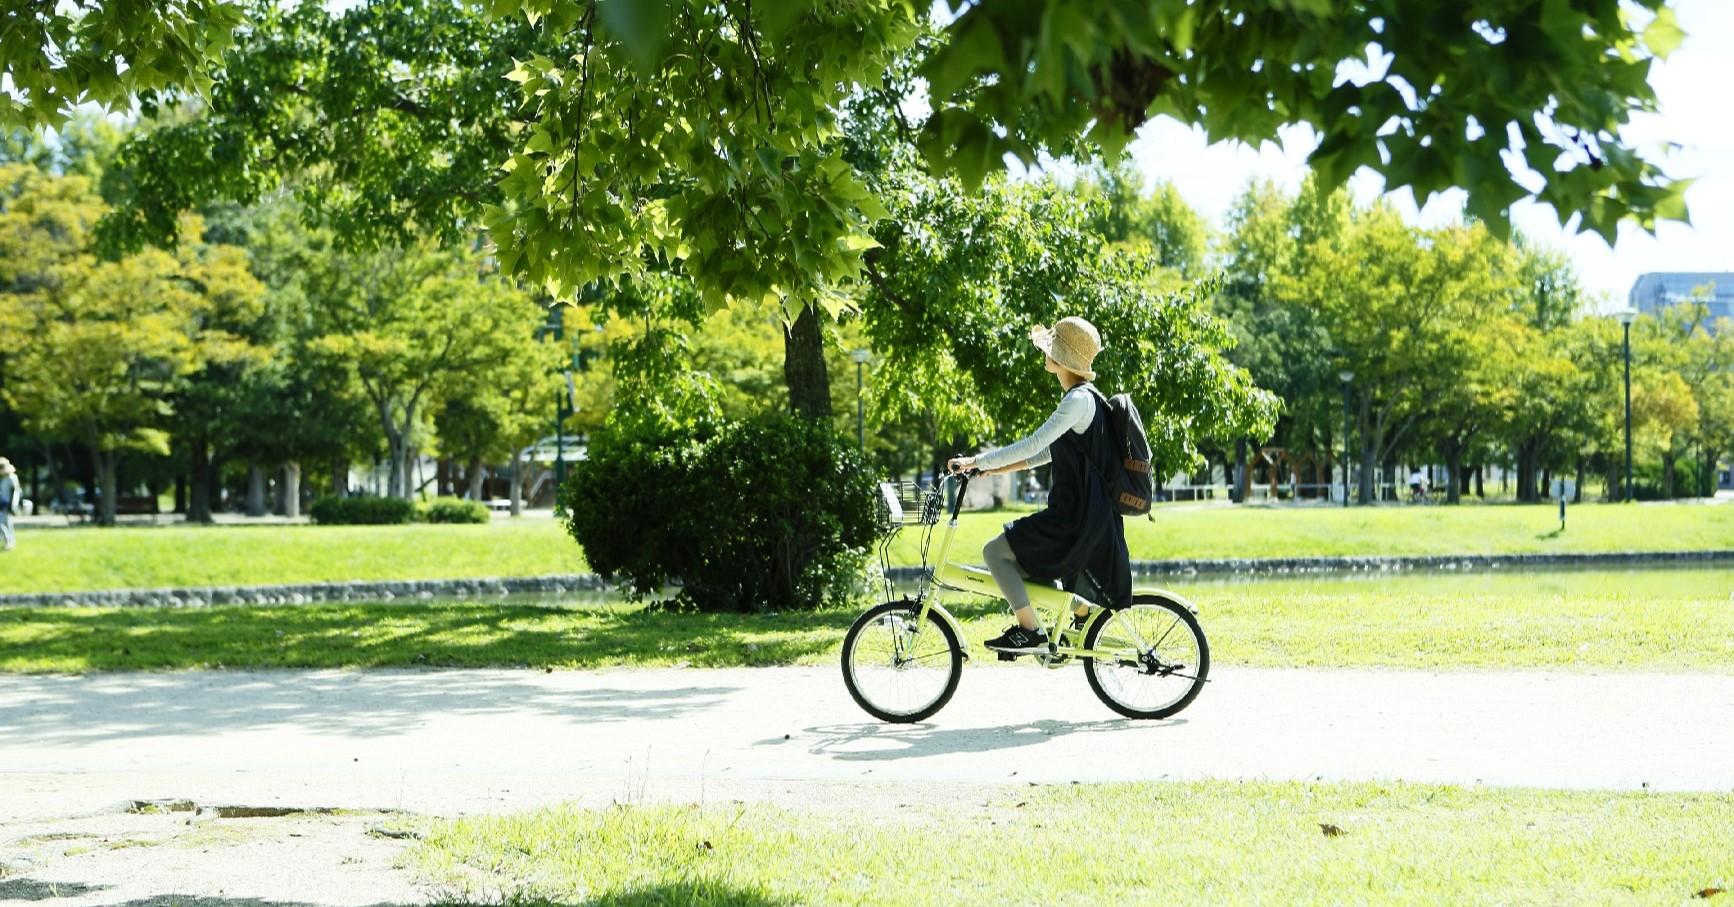 自転車先進都市として、コミュニティサイクルを実施